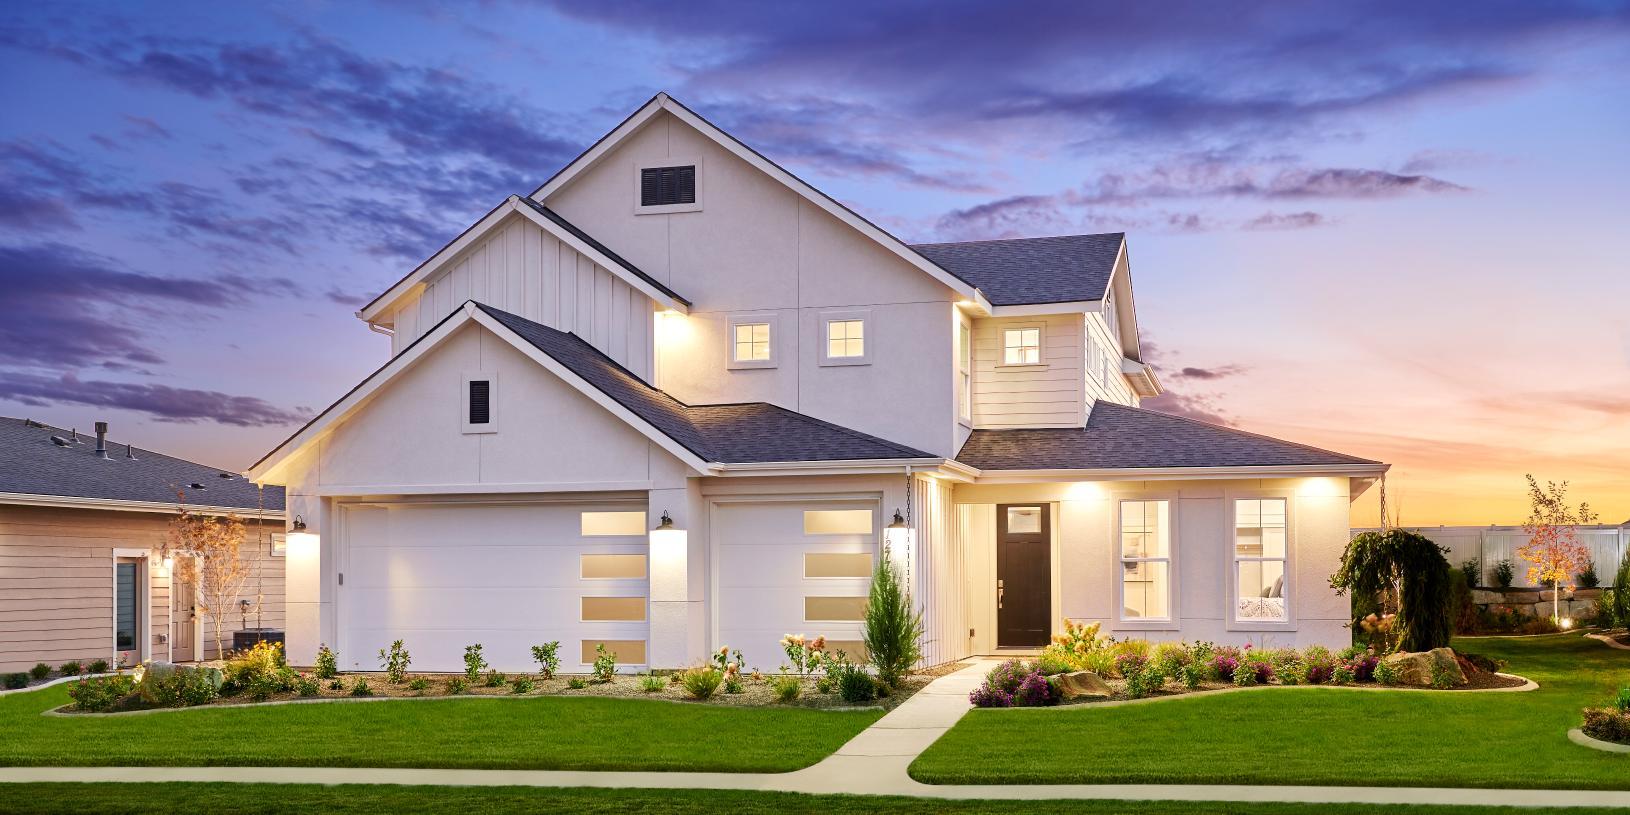 Sleek and modern exteriors